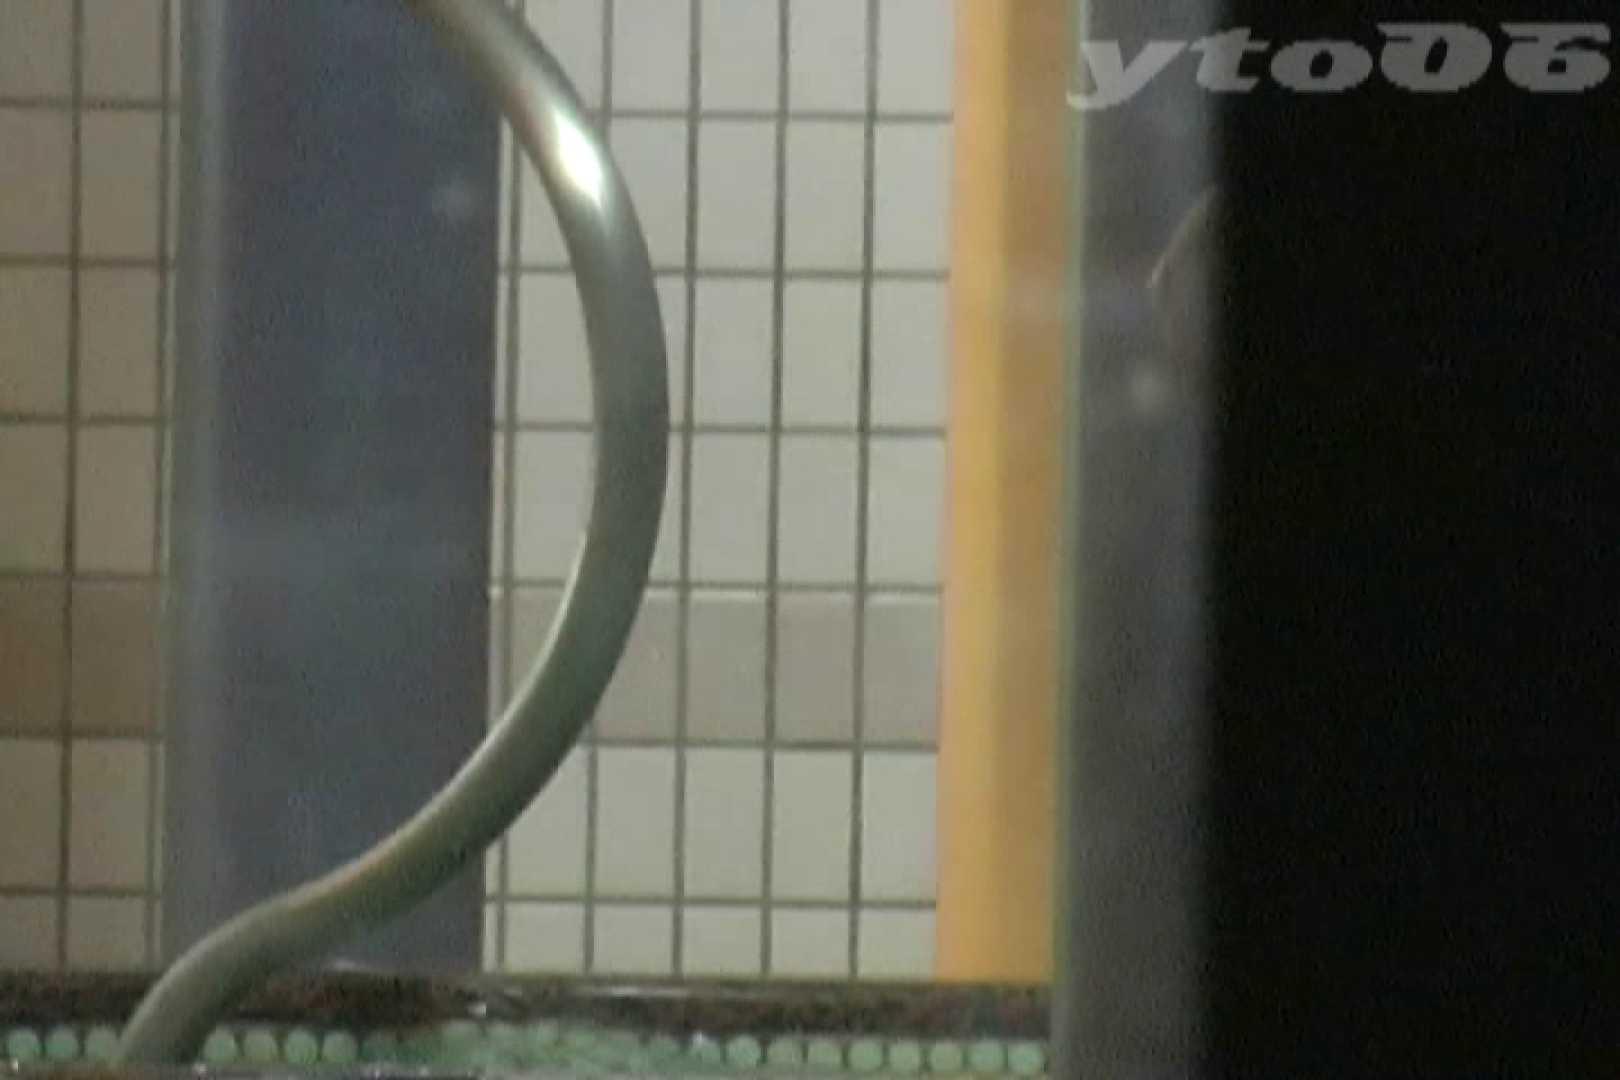 ▲復活限定▲合宿ホテル女風呂盗撮 Vol.35 OLのボディ ヌード画像 81PIX 38